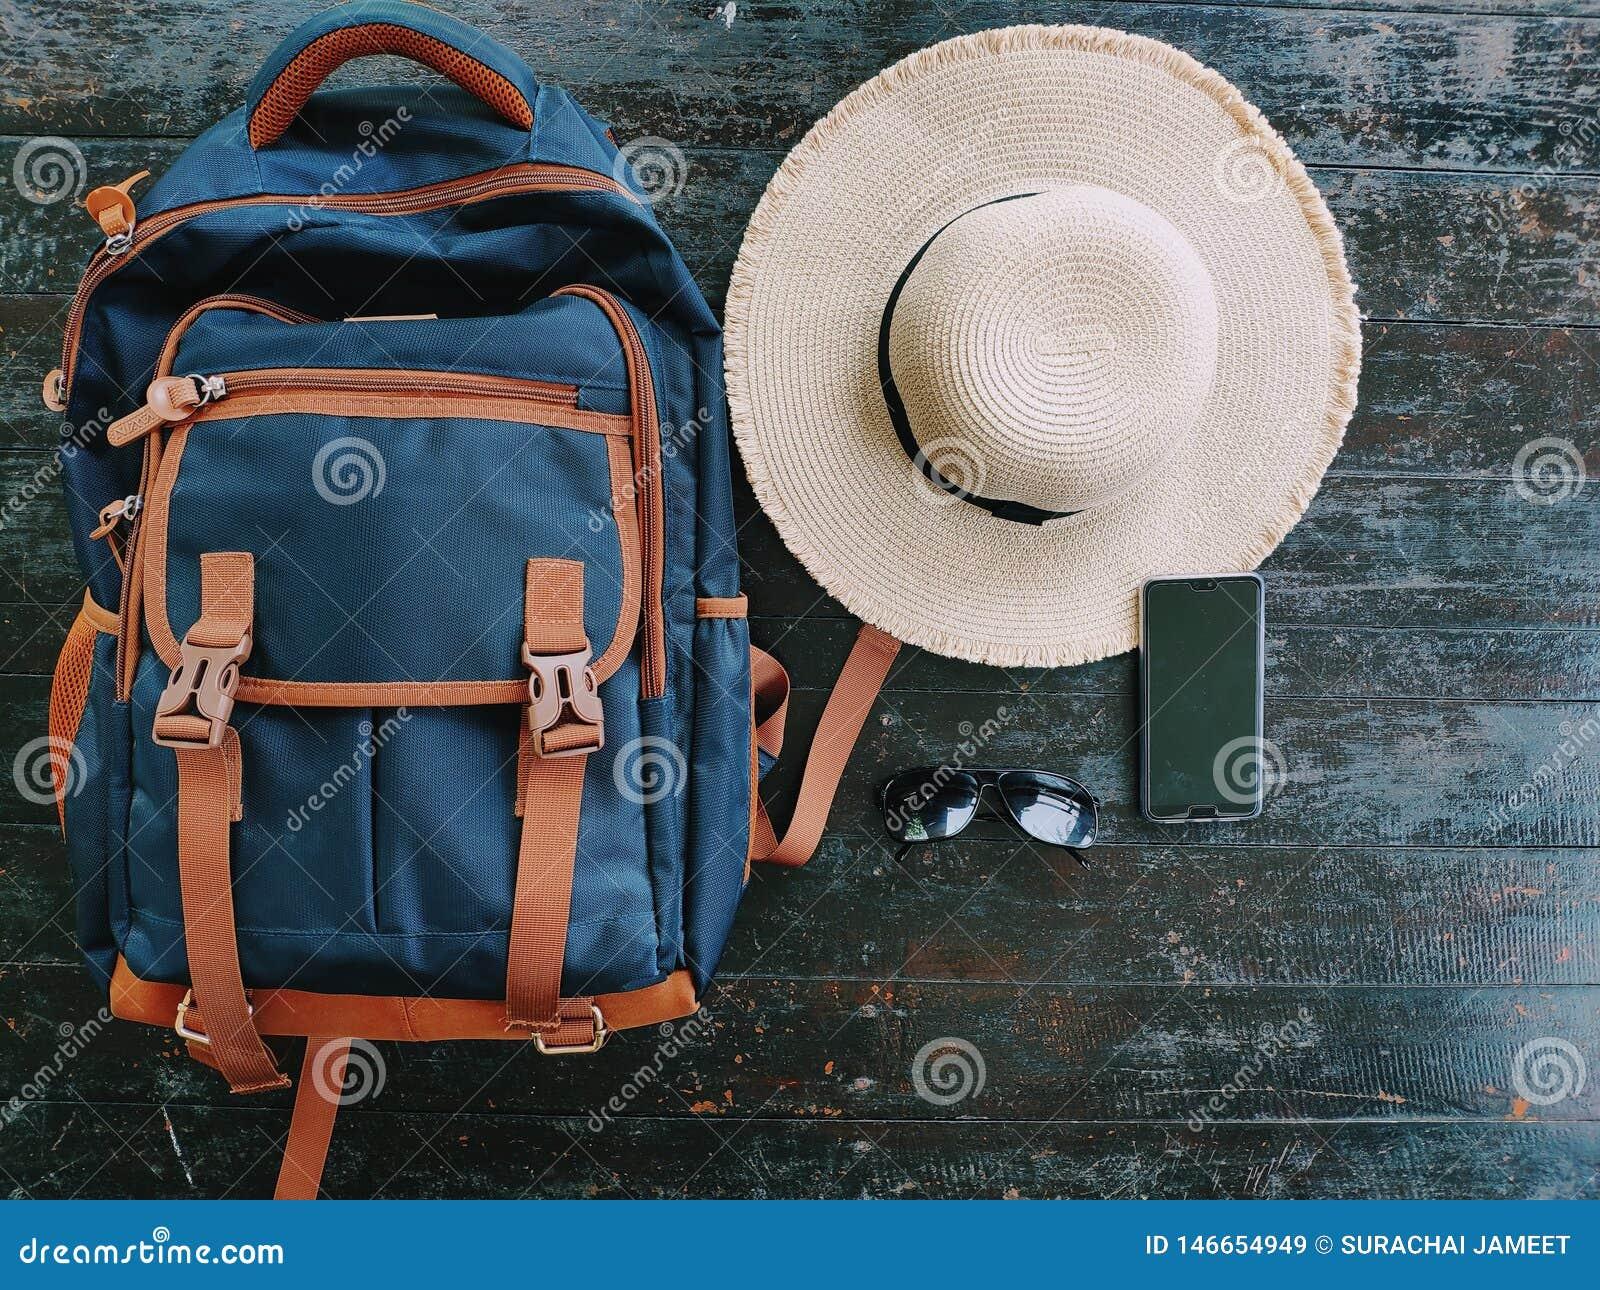 Sac de déplacement, chapeau, verres de soleil, téléphone portable, placé sur une table en bois préparée pour voyager pendant les